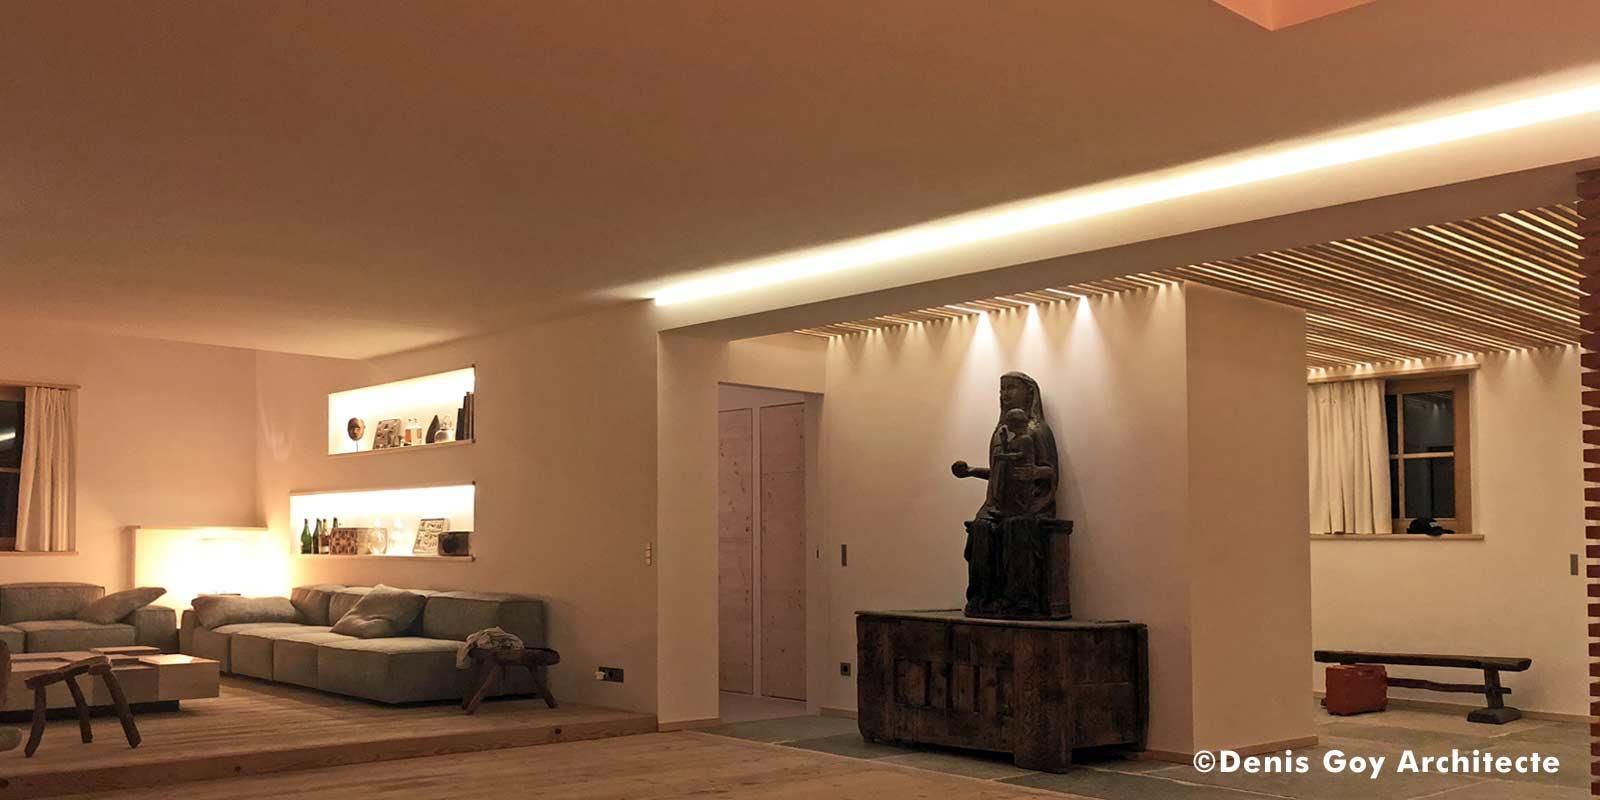 architecte la clusaz haute savoie denis goy. Black Bedroom Furniture Sets. Home Design Ideas